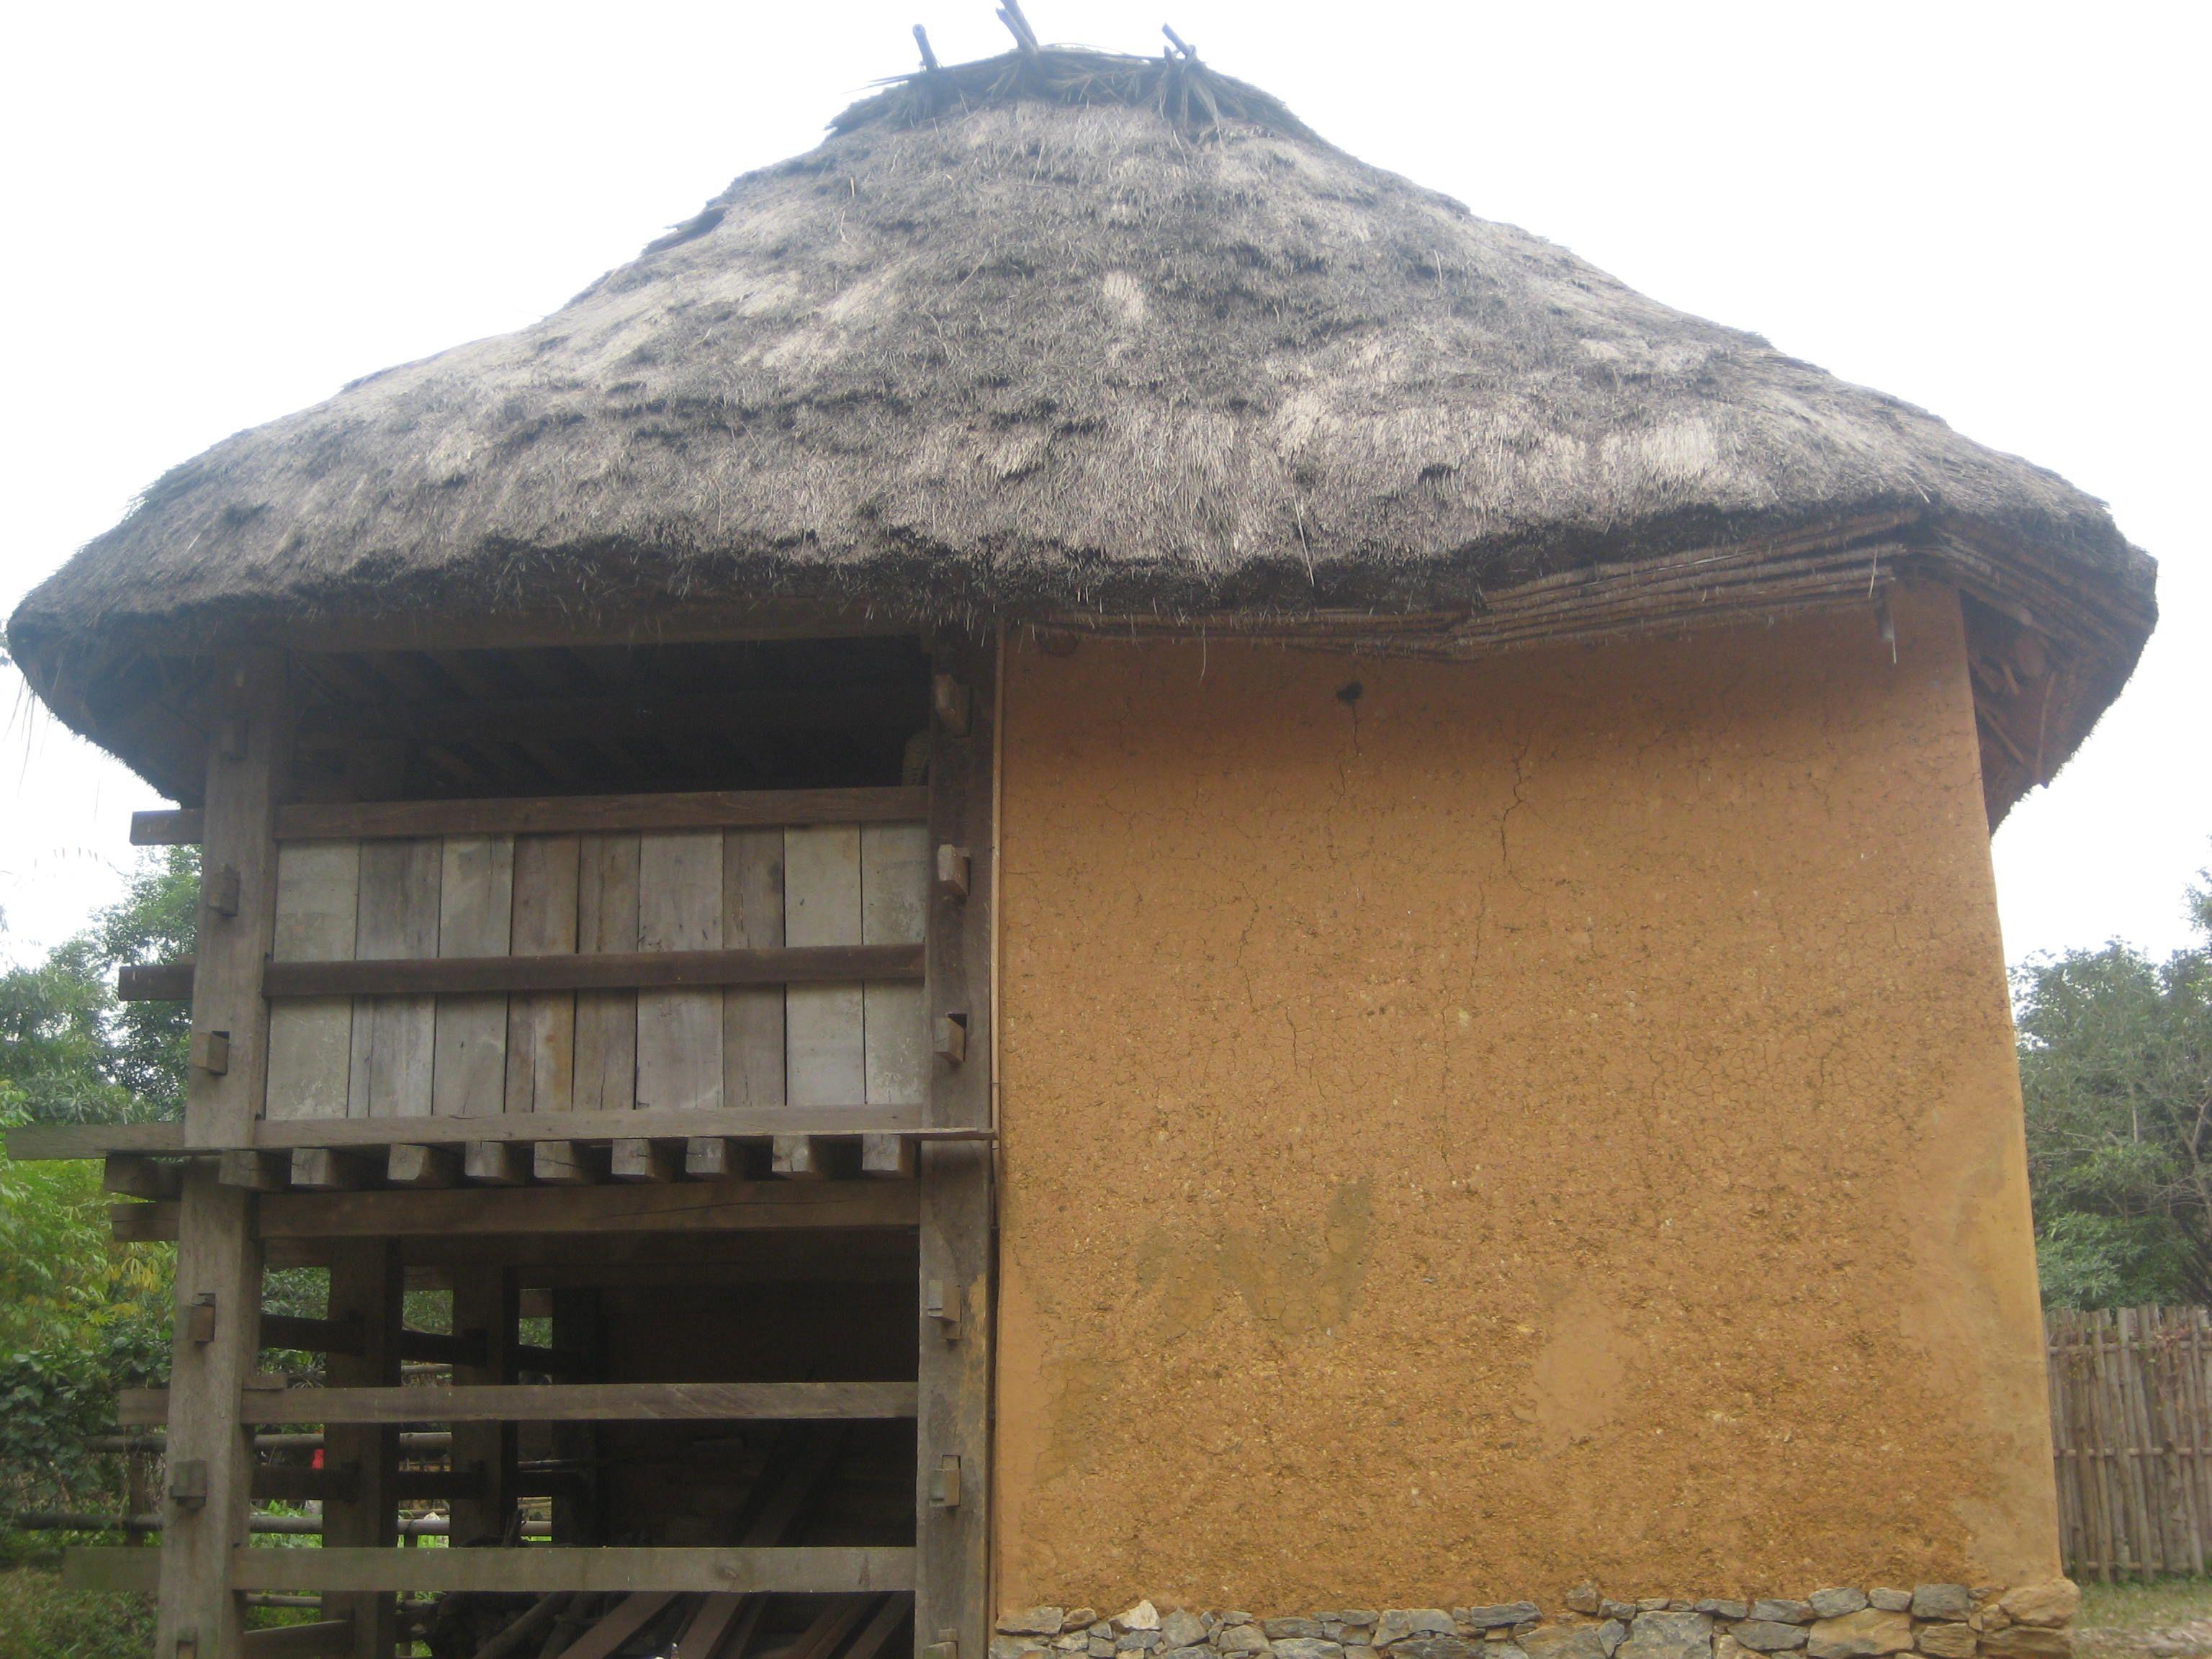 Nhà của người dân tộc Hà Nhì, Việt Nam